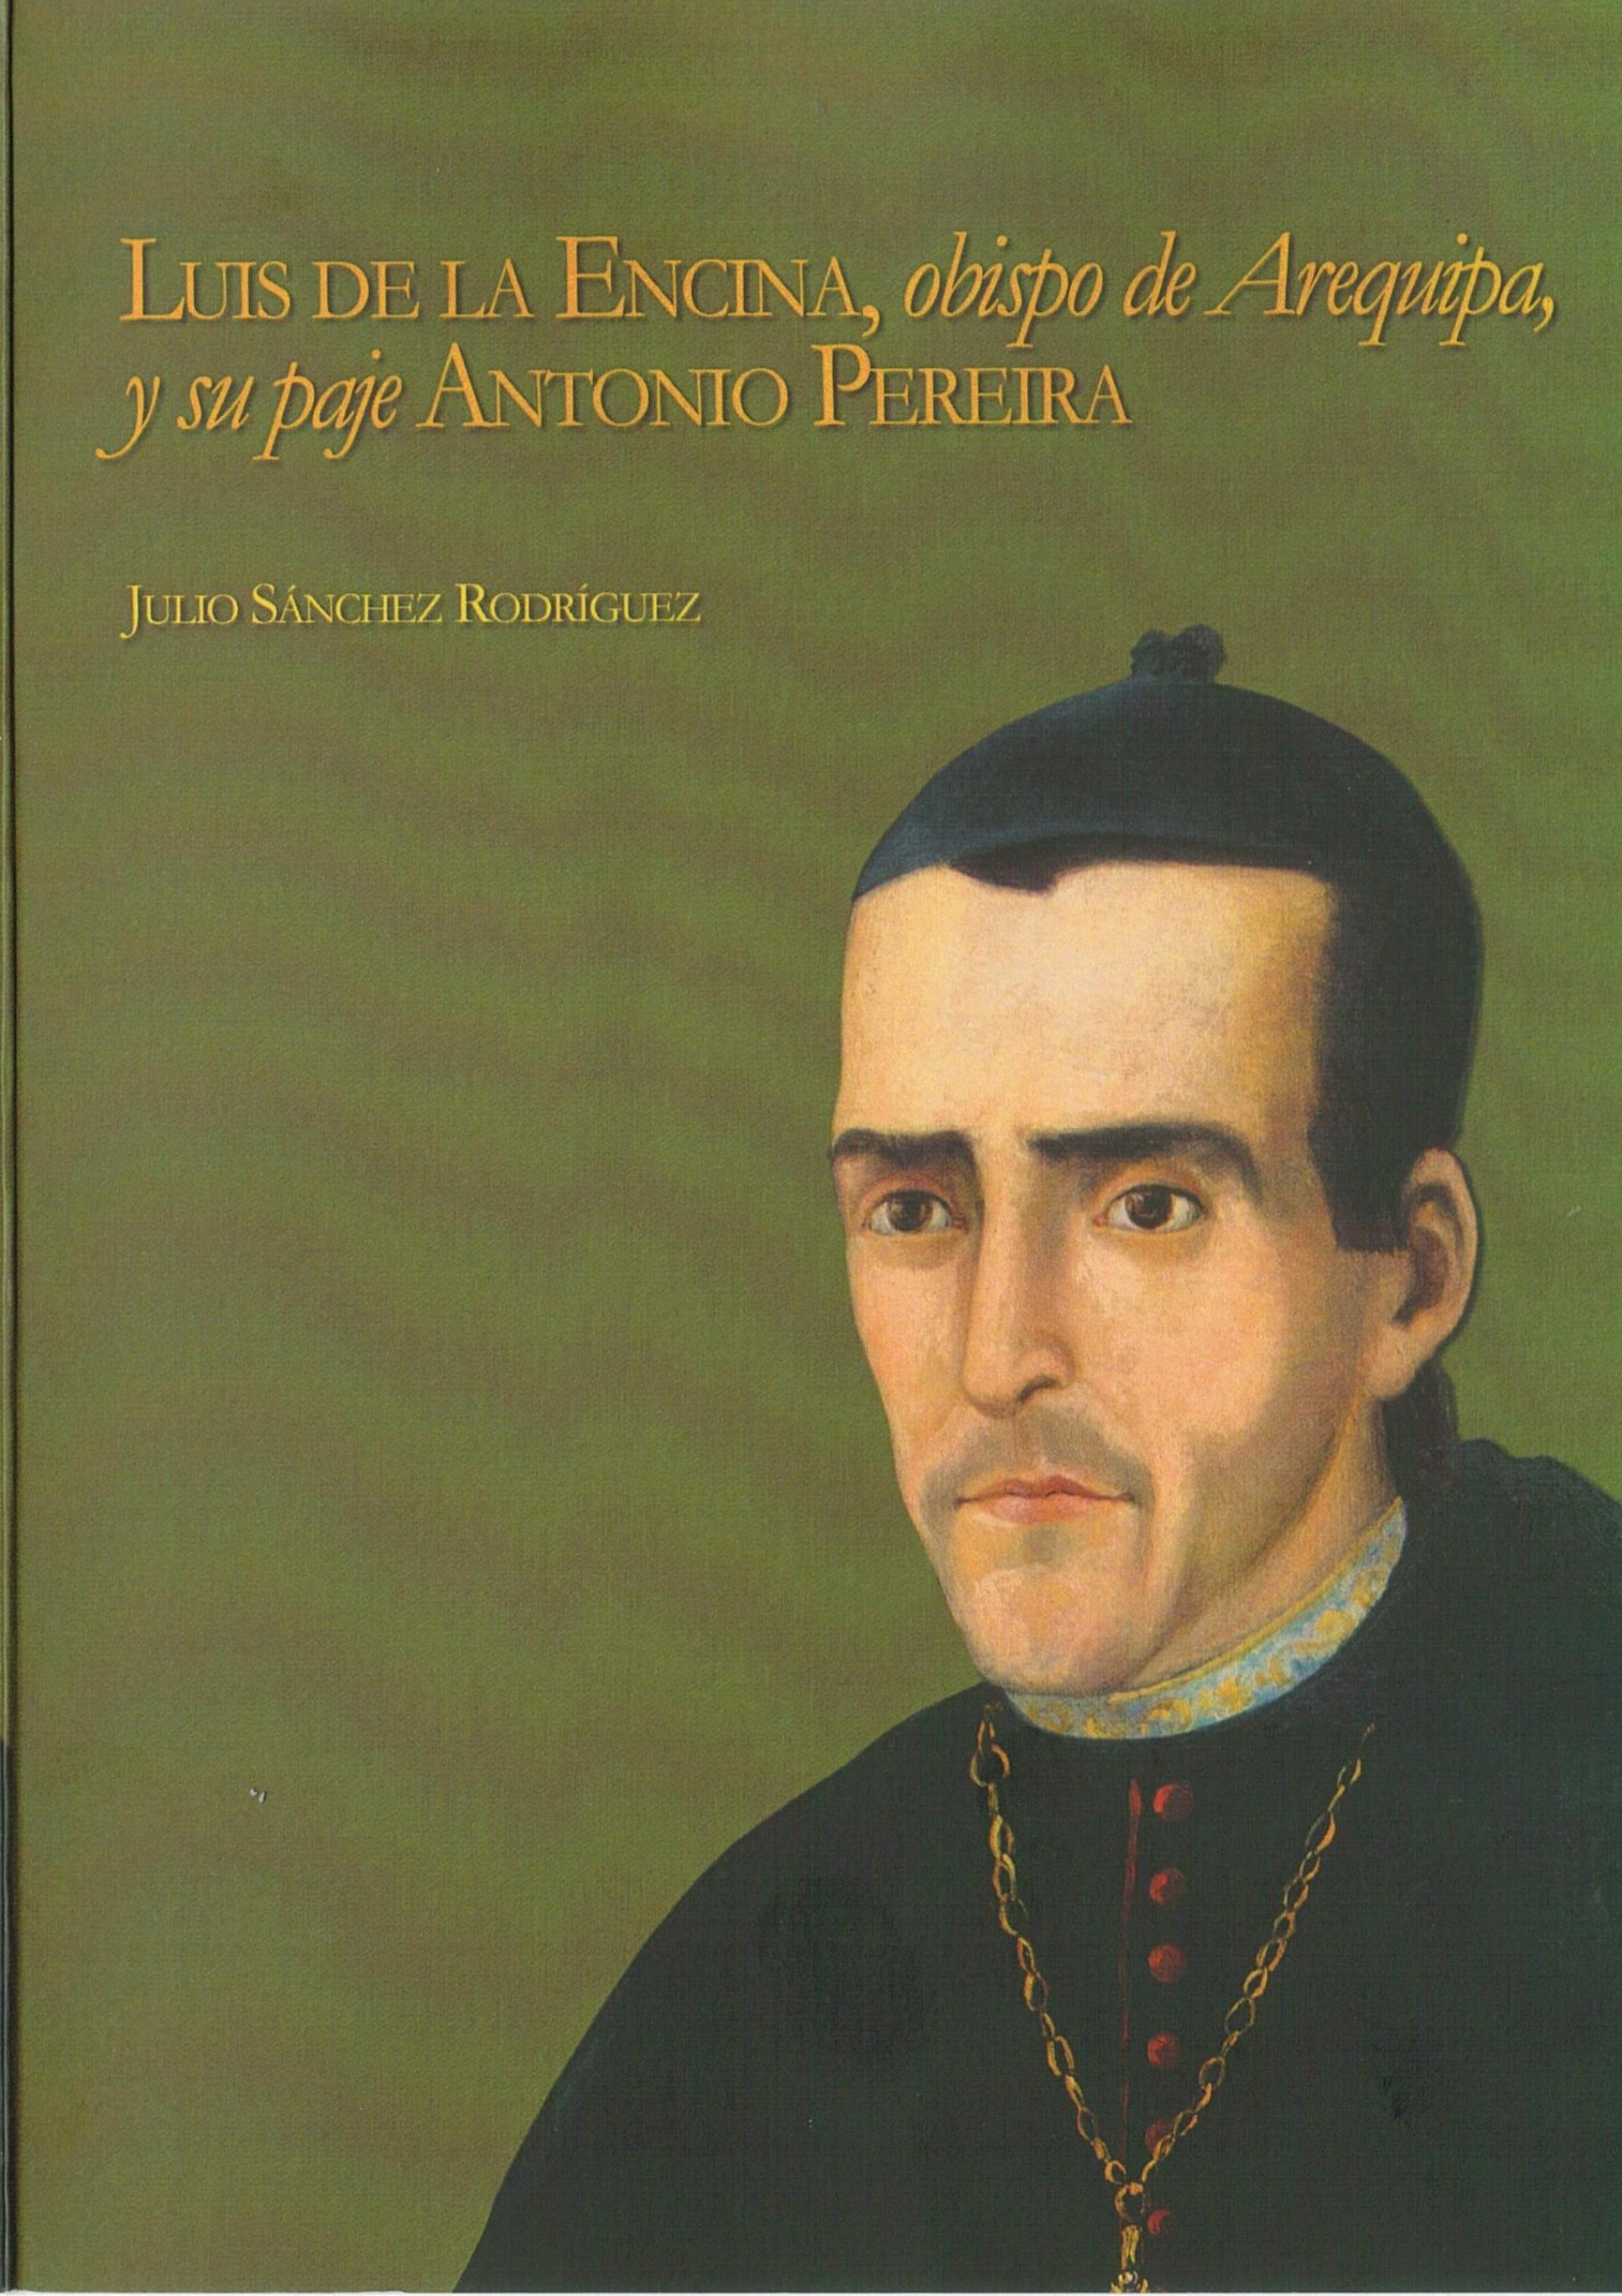 Luis de Encina,Obispo de Arequipa y su paje,Antonio Pereira Tomo I